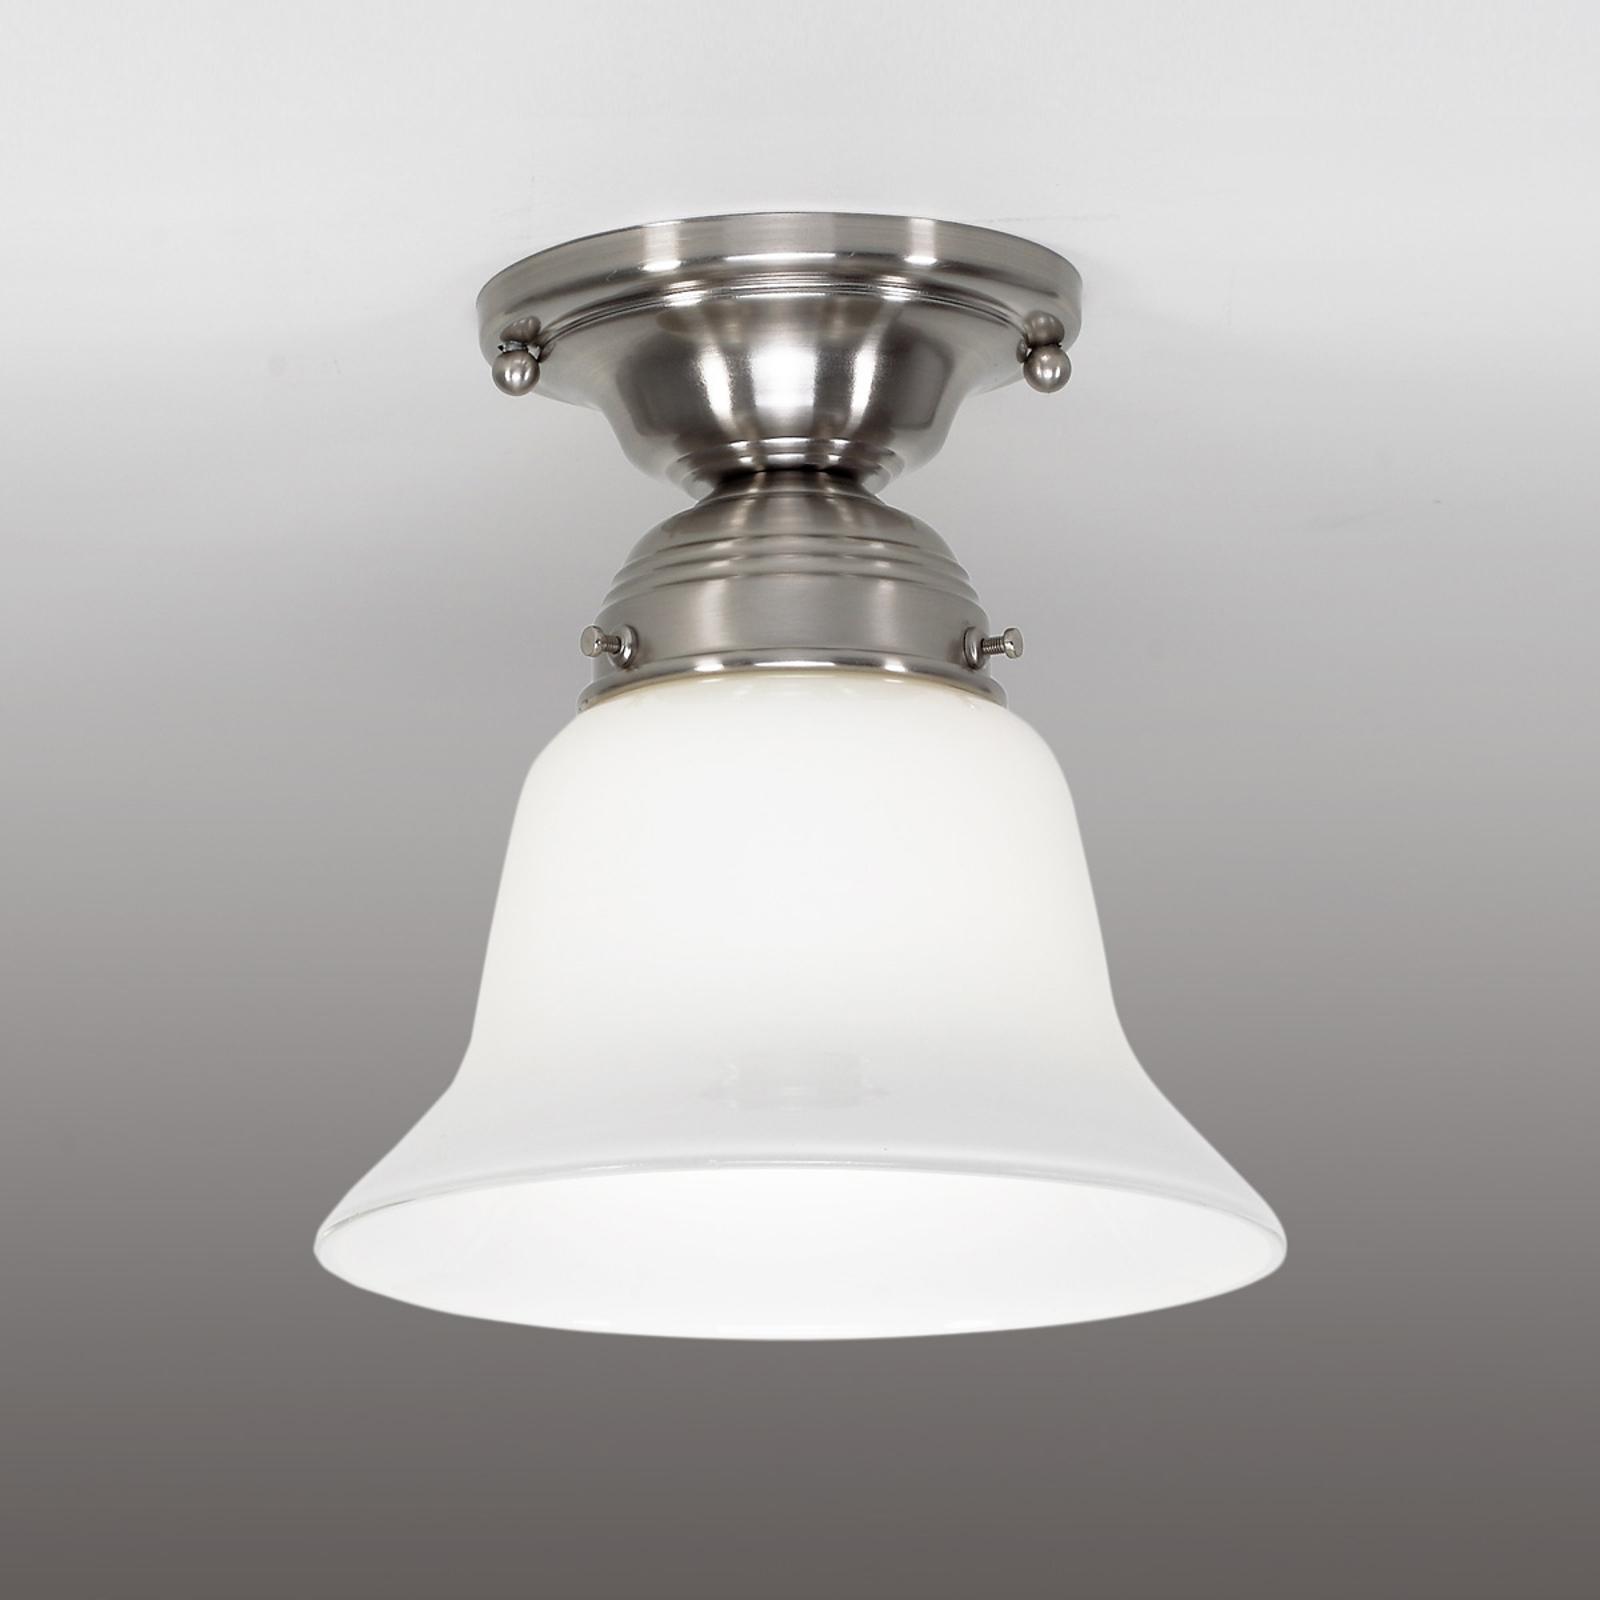 Plafondlampa Alena matt nickel